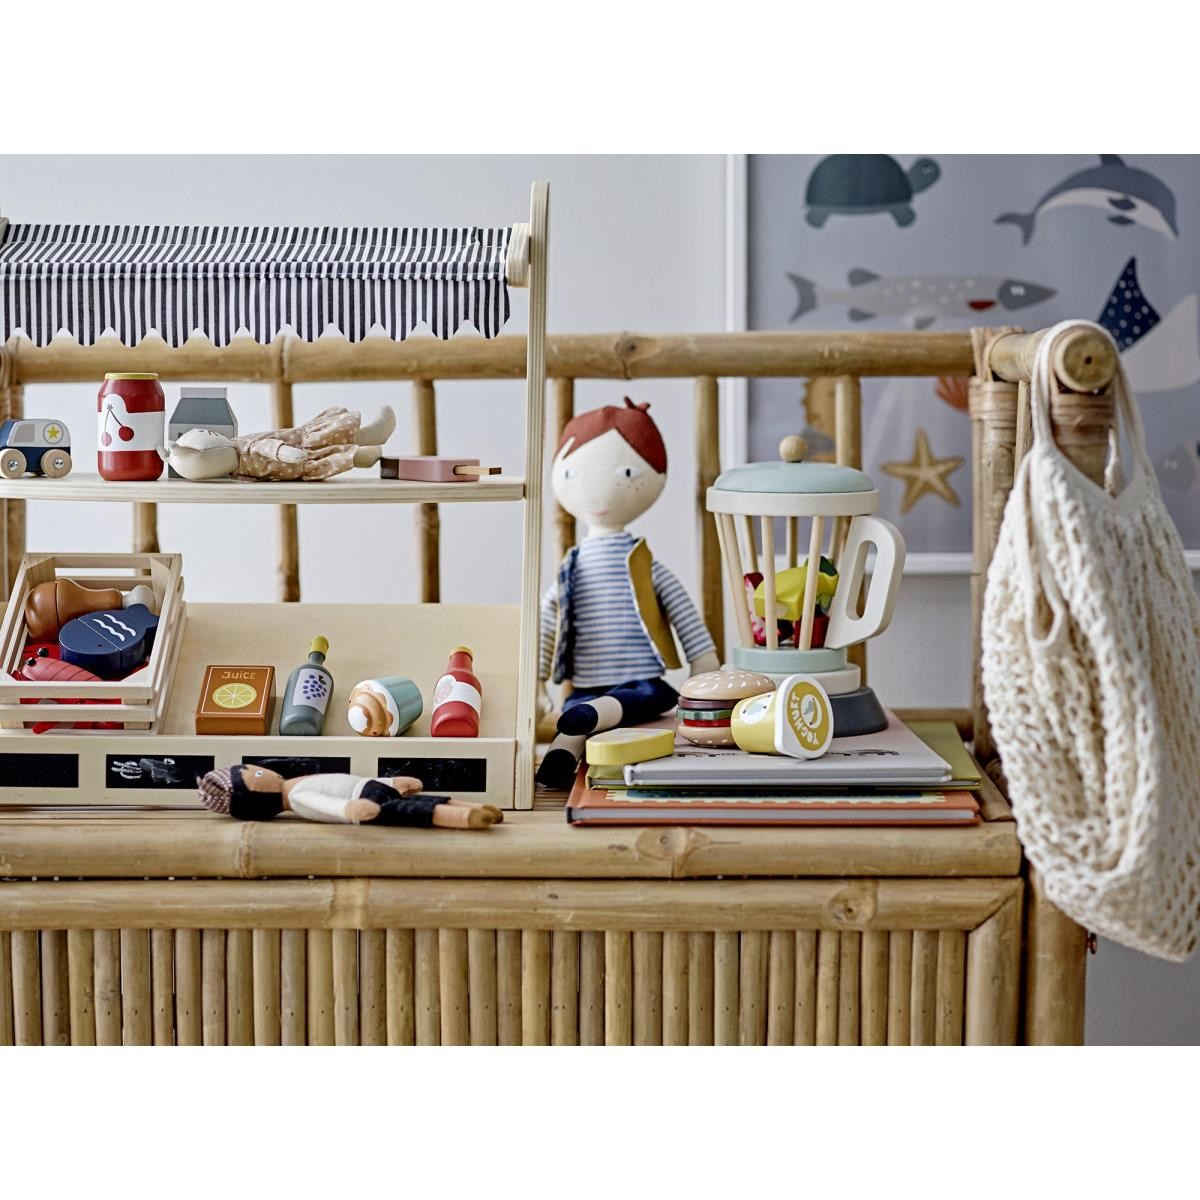 Dřevěný hrací set pro děti MIXER V.20 cm_5